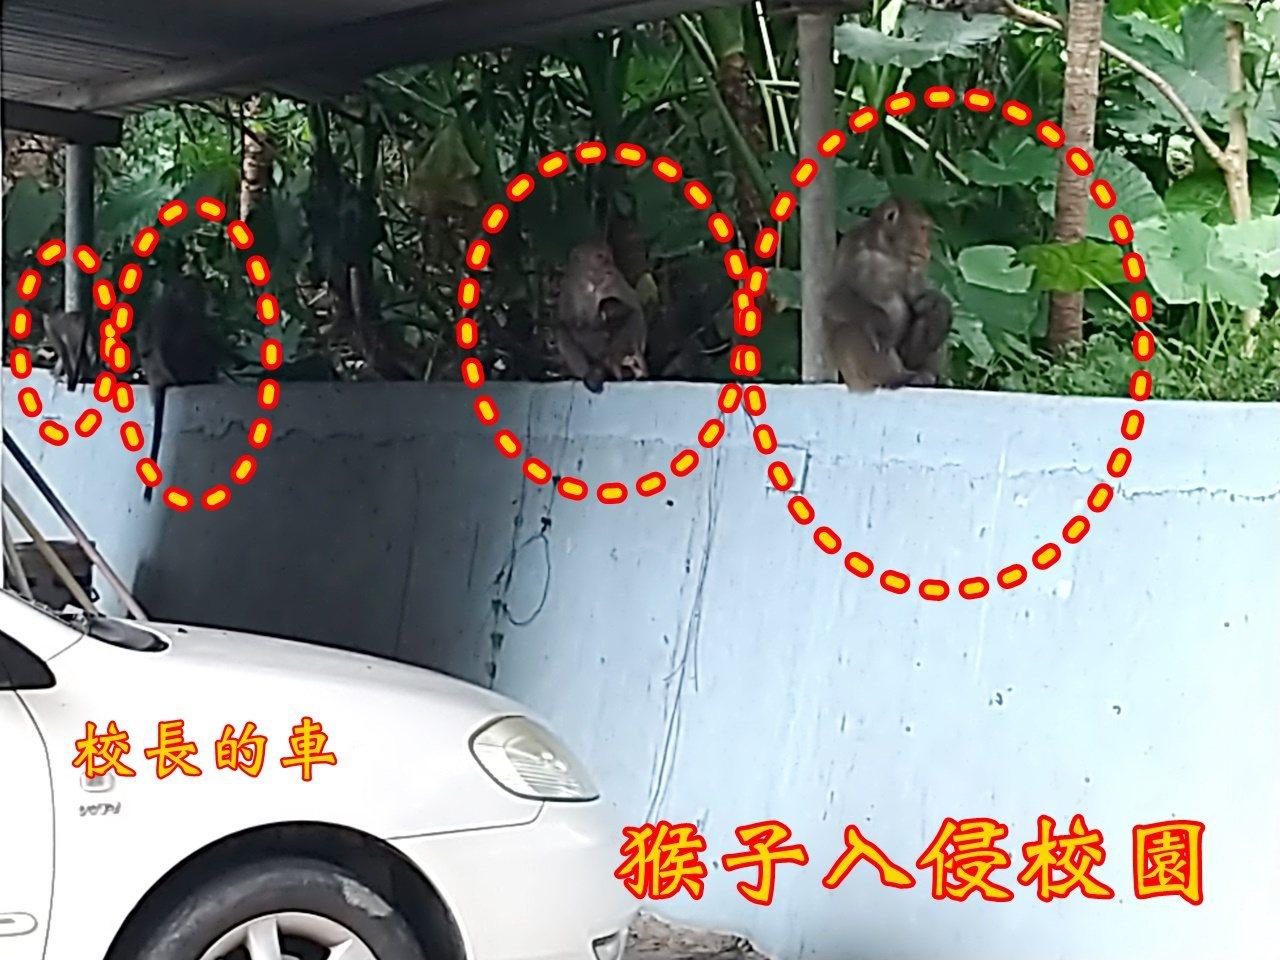 台灣獼猴已從保育類動物除名,但山區獼猴數量居高不下,隨著猴群壯大及為了覓食,活動...